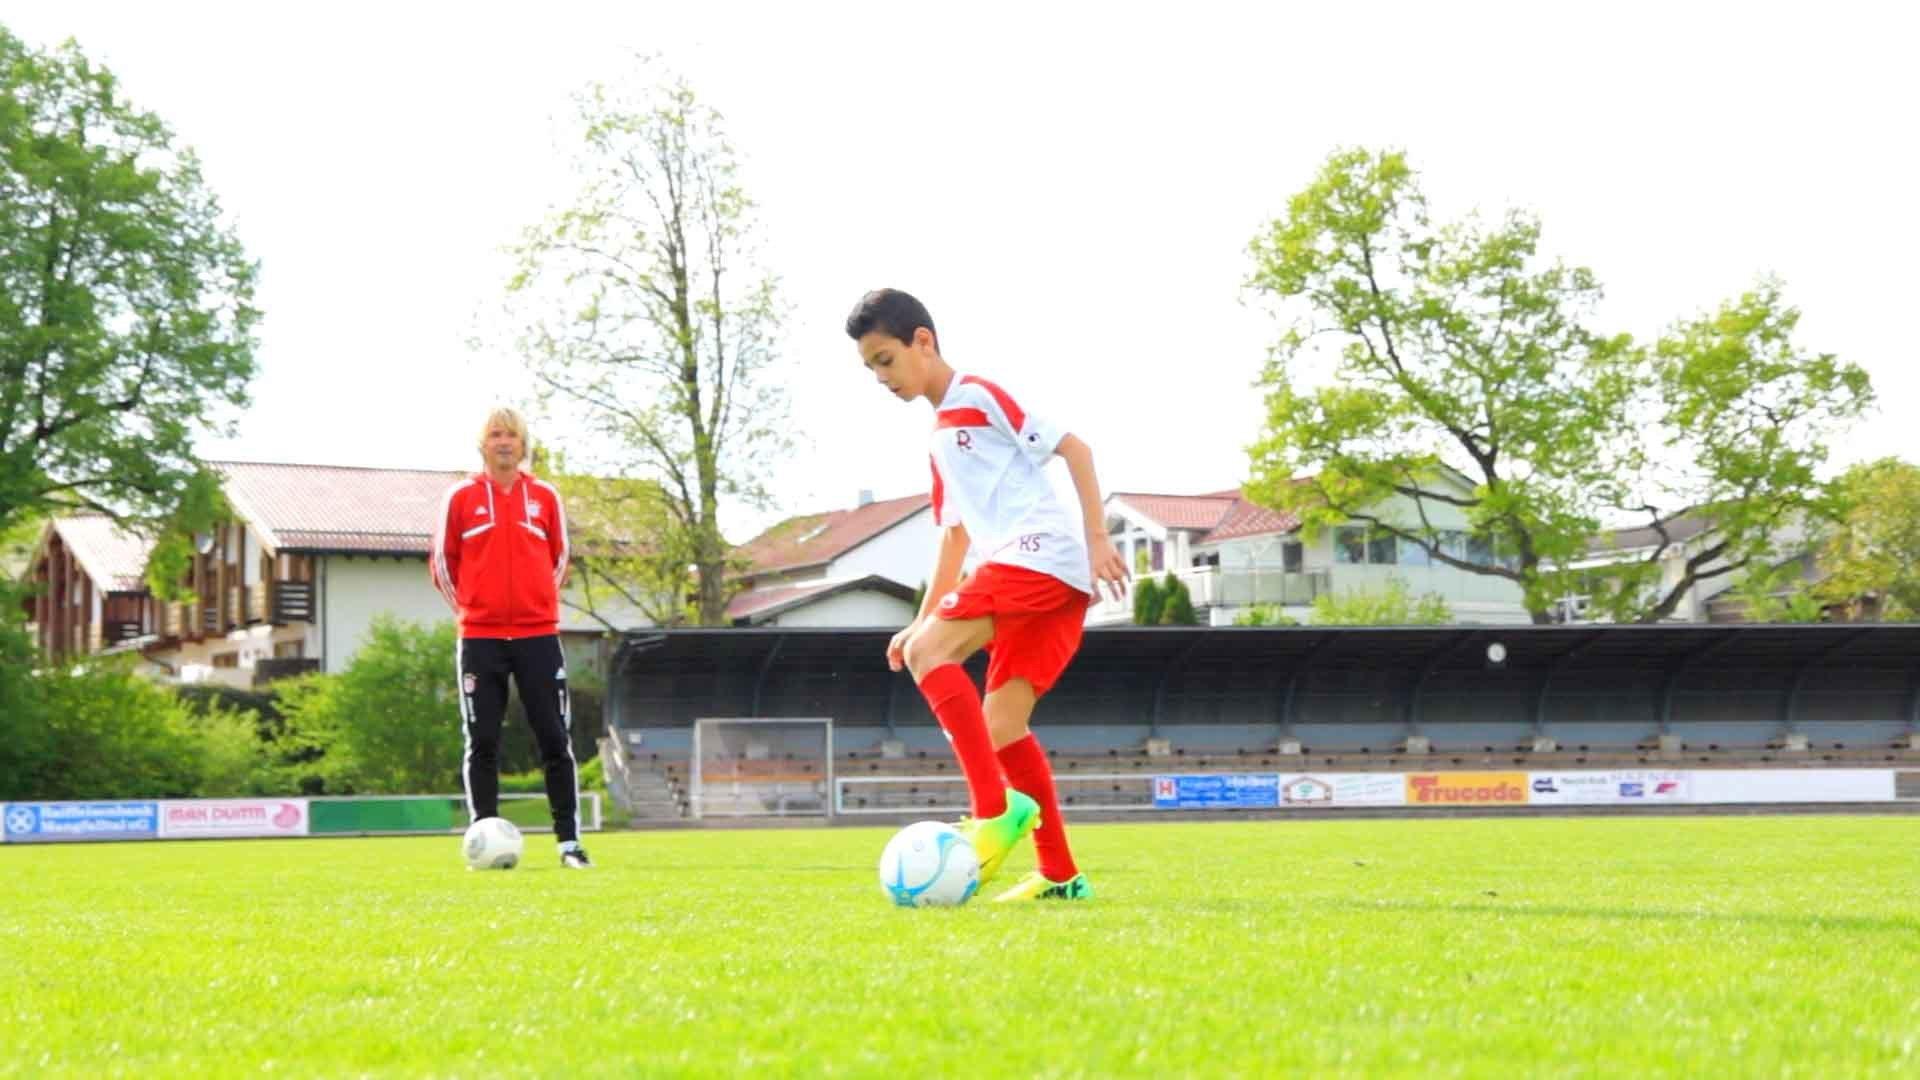 7 Secrets: Was junge Fußballer wissen müssen | Nr. 7: Unterschied zwischen Hindernis und Herausforderung